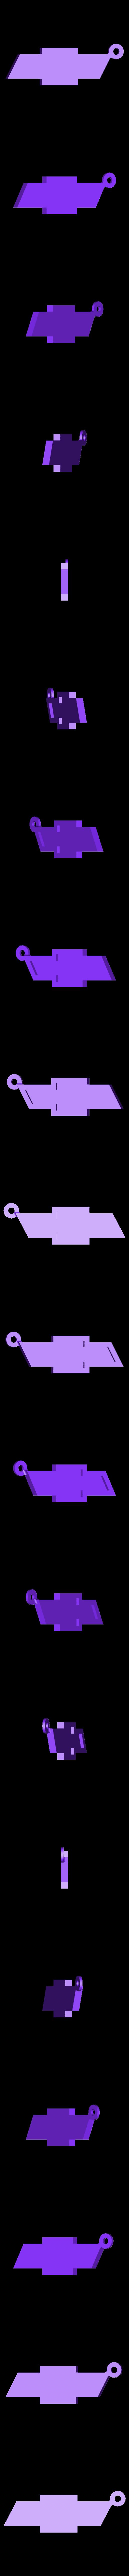 Part_Studio_1_-_Part_1.stl Télécharger fichier STL gratuit Porte-clés Chevy en SemiFlex NinjaFlex • Modèle à imprimer en 3D, crprinting